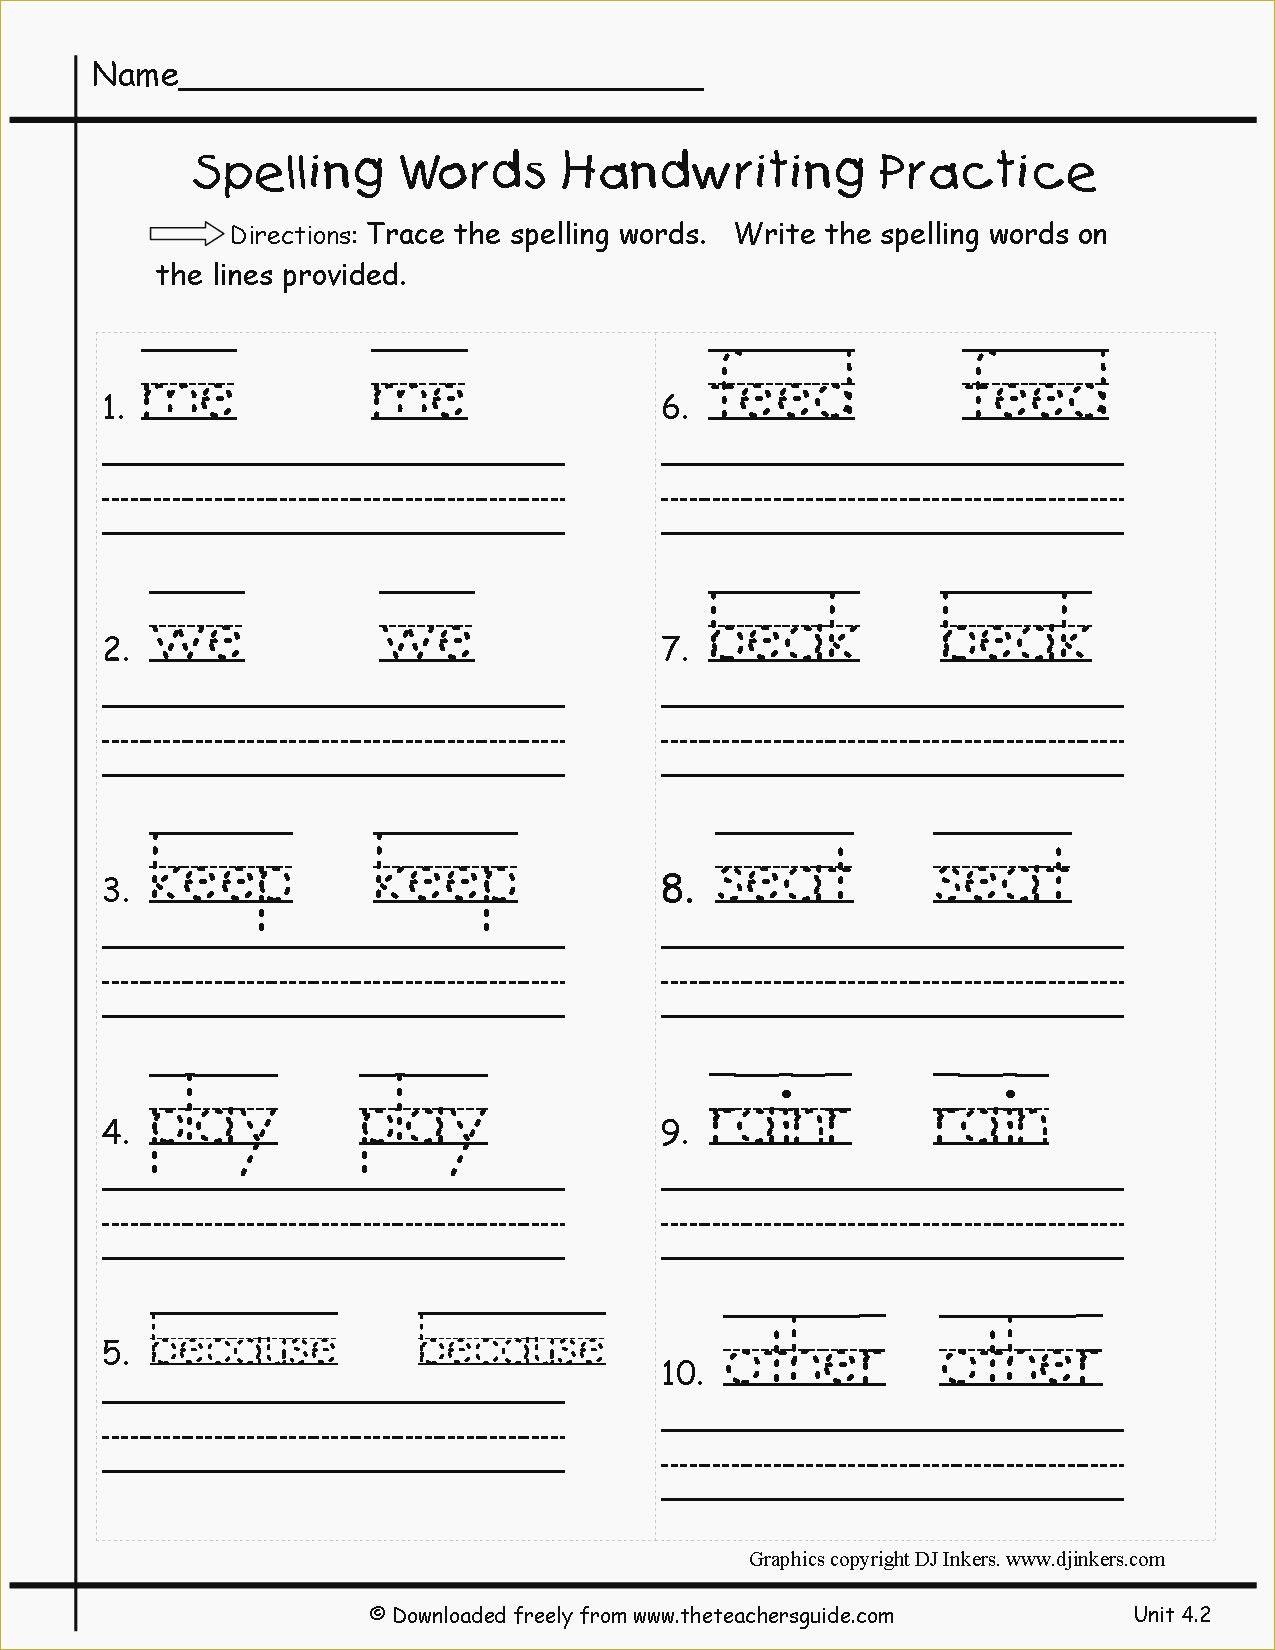 Free Printable Spelling Practice Worksheets